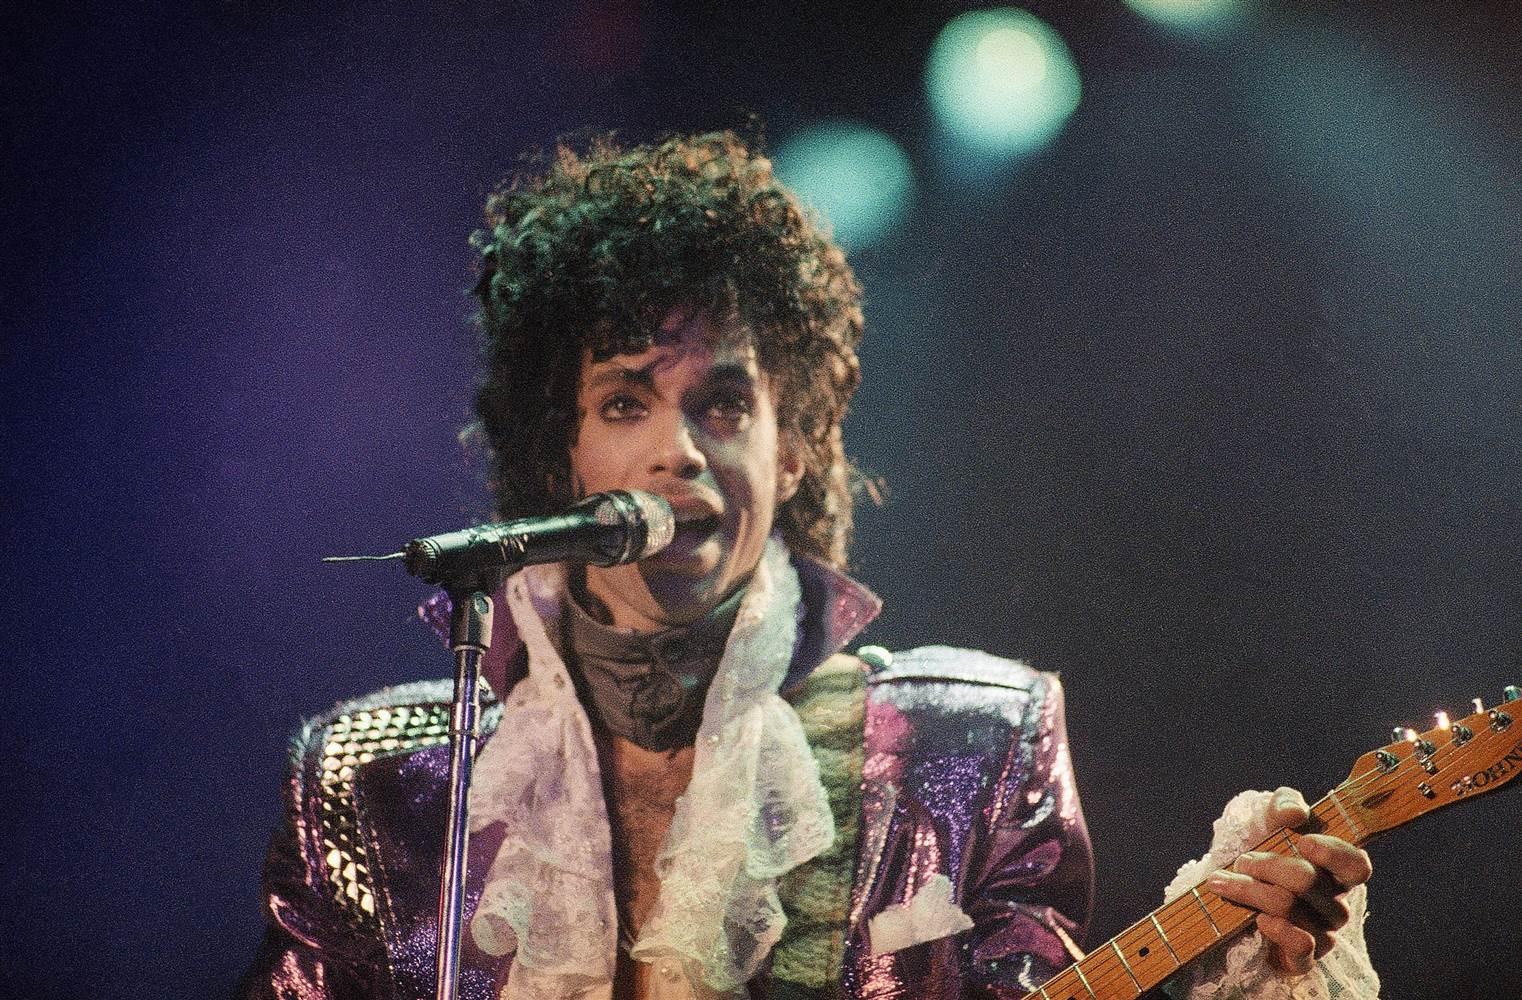 Prince (June 7, 1958 – April 21, 2016)